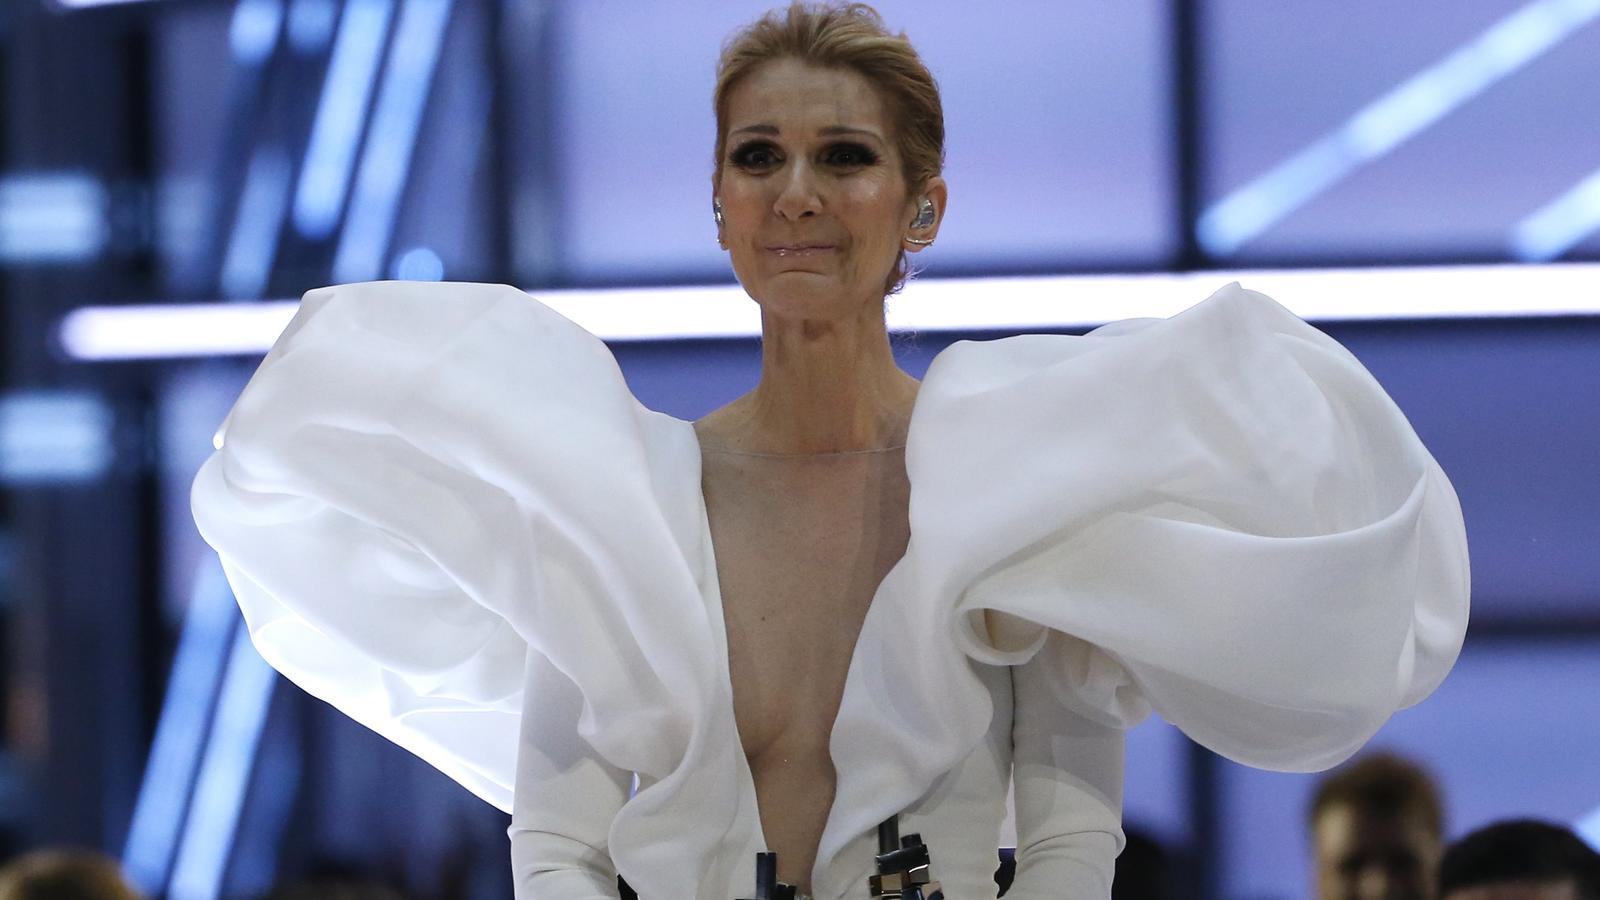 Tränen und Hammer-Outfit: Celine Dion feiert Song-Jubiläum